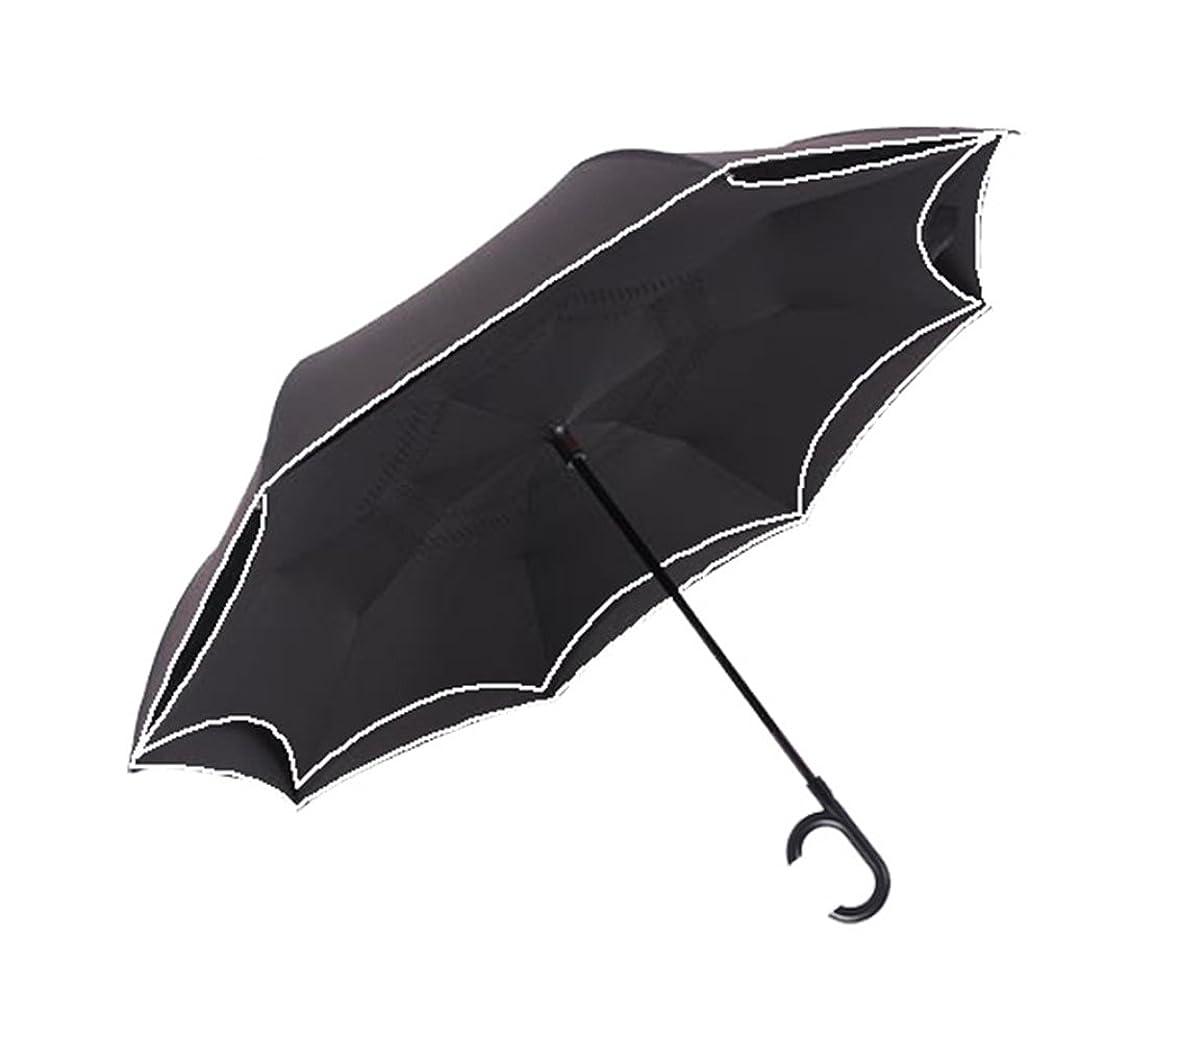 なめらかな報酬過言Maltose 逆さに開く二重傘 ワンタッチ自動閉 逆さ傘 逆閉じ傘 日傘 C型持ち手 自動反光傘 耐風撥水 晴雨兼用 レディース